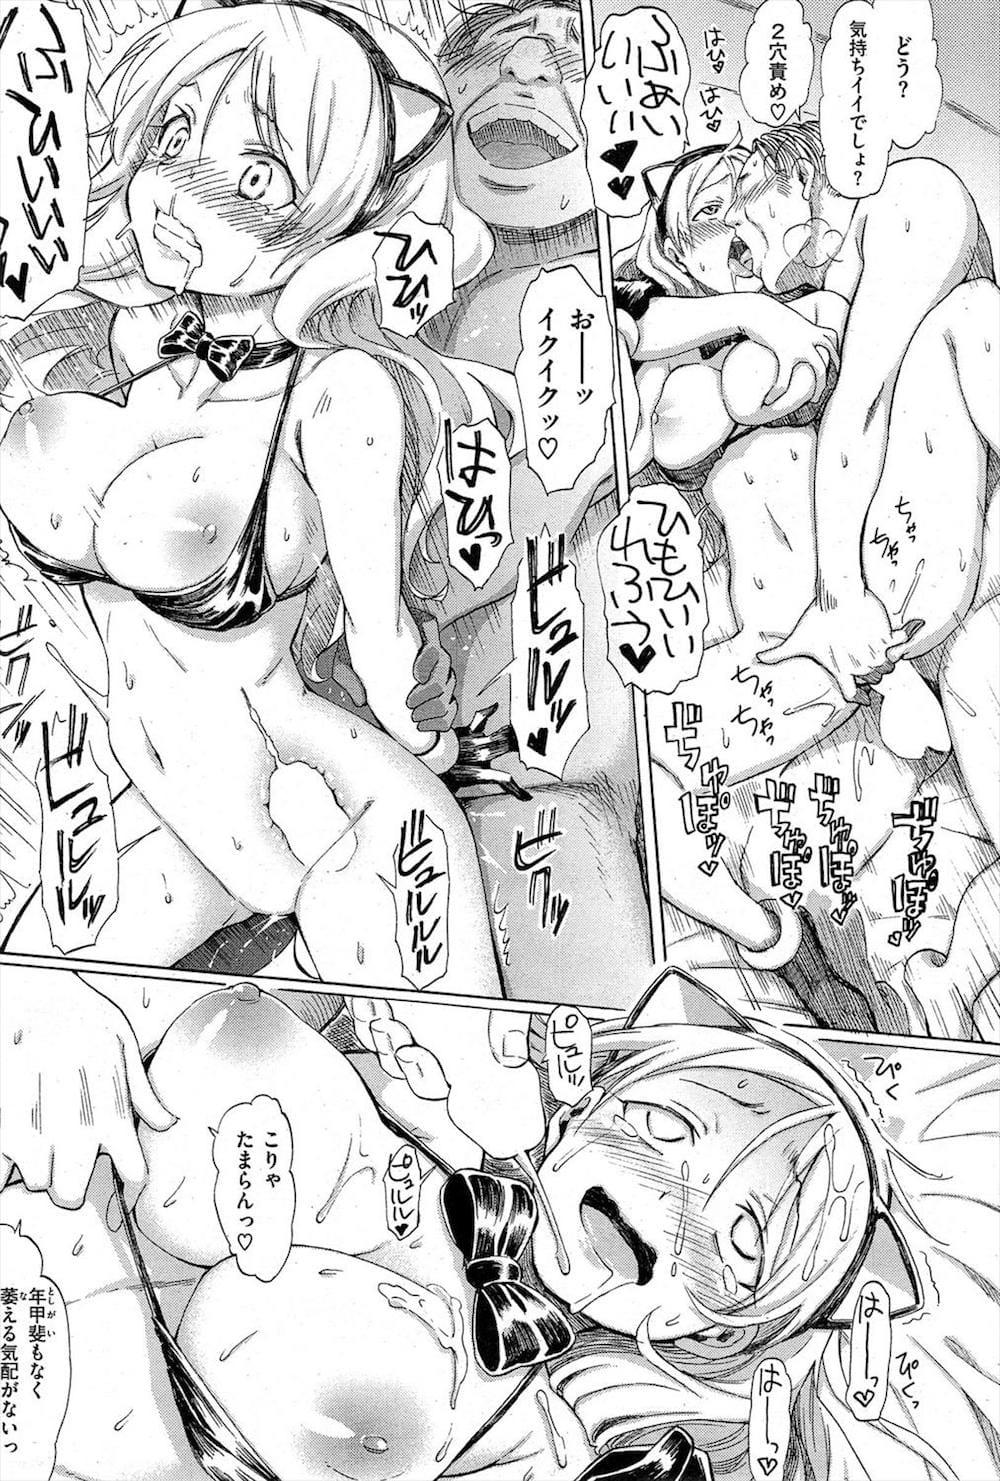 【エロ漫画】セレブな彼氏と付き合うために援助交際する女子大生!オヤジの臭いチンポが脳天に響いて乱れていく!アナルセックスまでしちゃって円光にはまっちゃてるし!【藤丸】